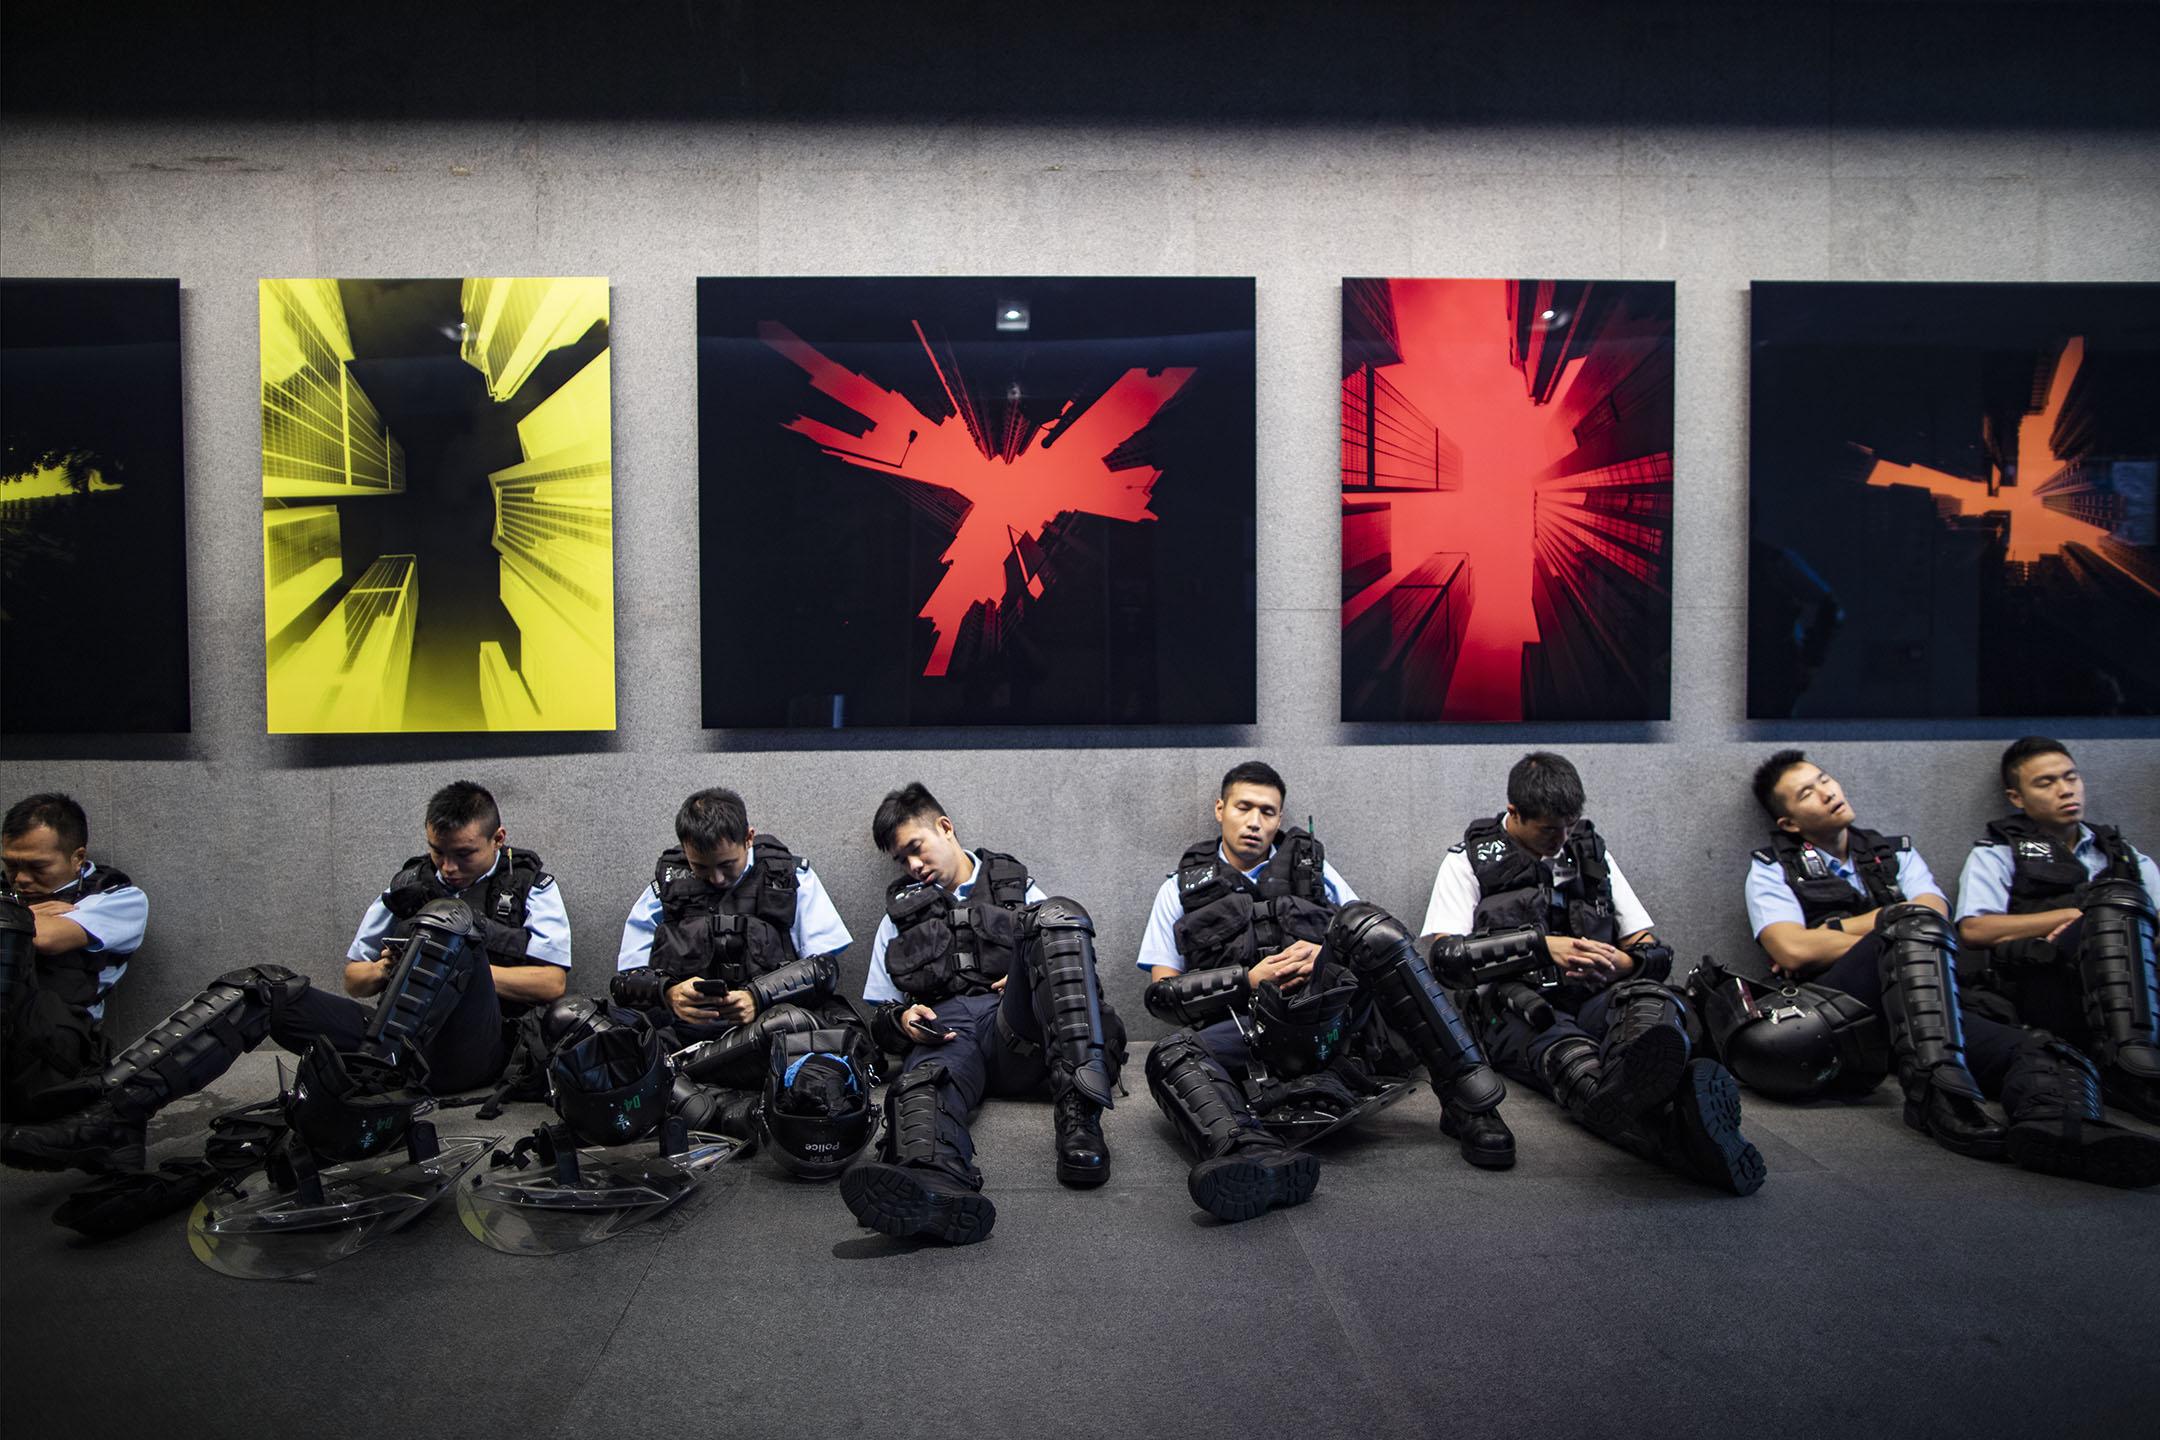 2019年6月12日,反對逃犯條例修訂條例的佔領行動,香港警察在金鐘立法會大堂內休息。 攝:陳焯煇/端傳媒